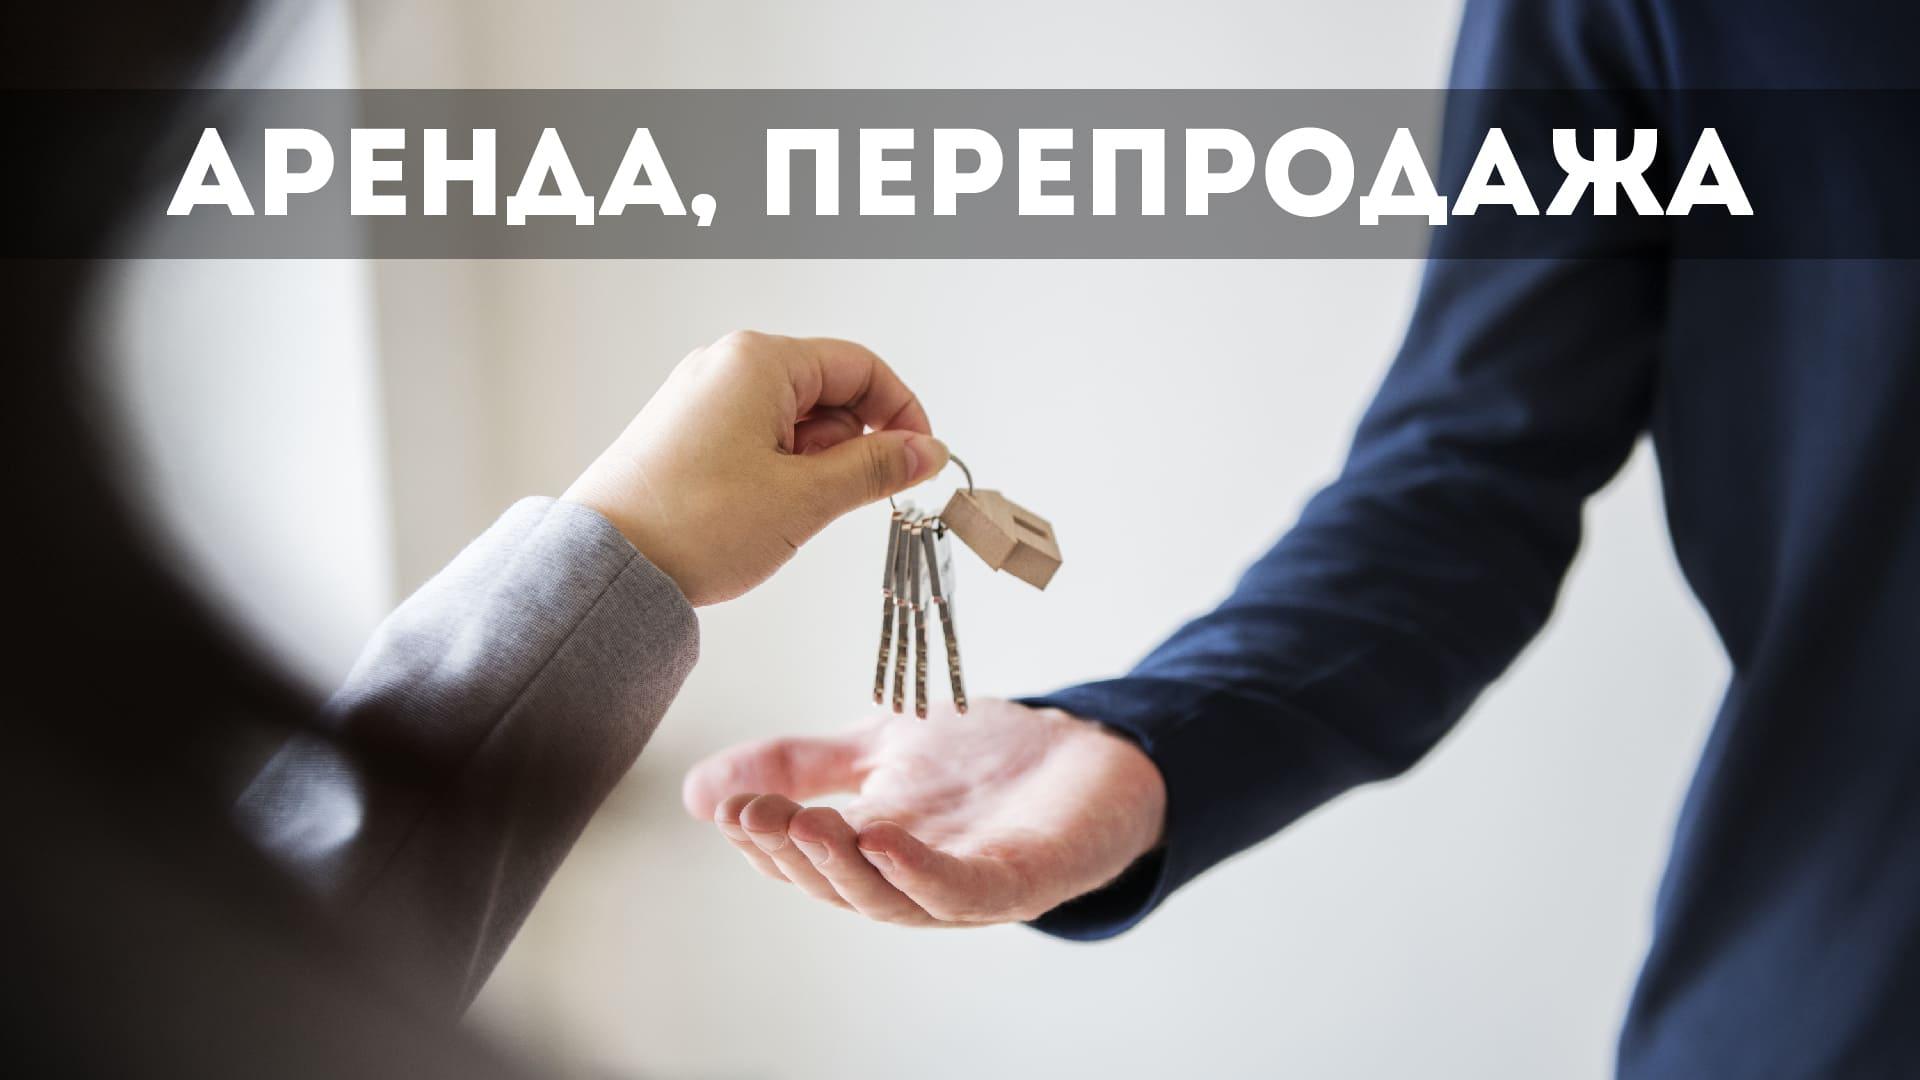 аренда-перепродажа-недвижимость